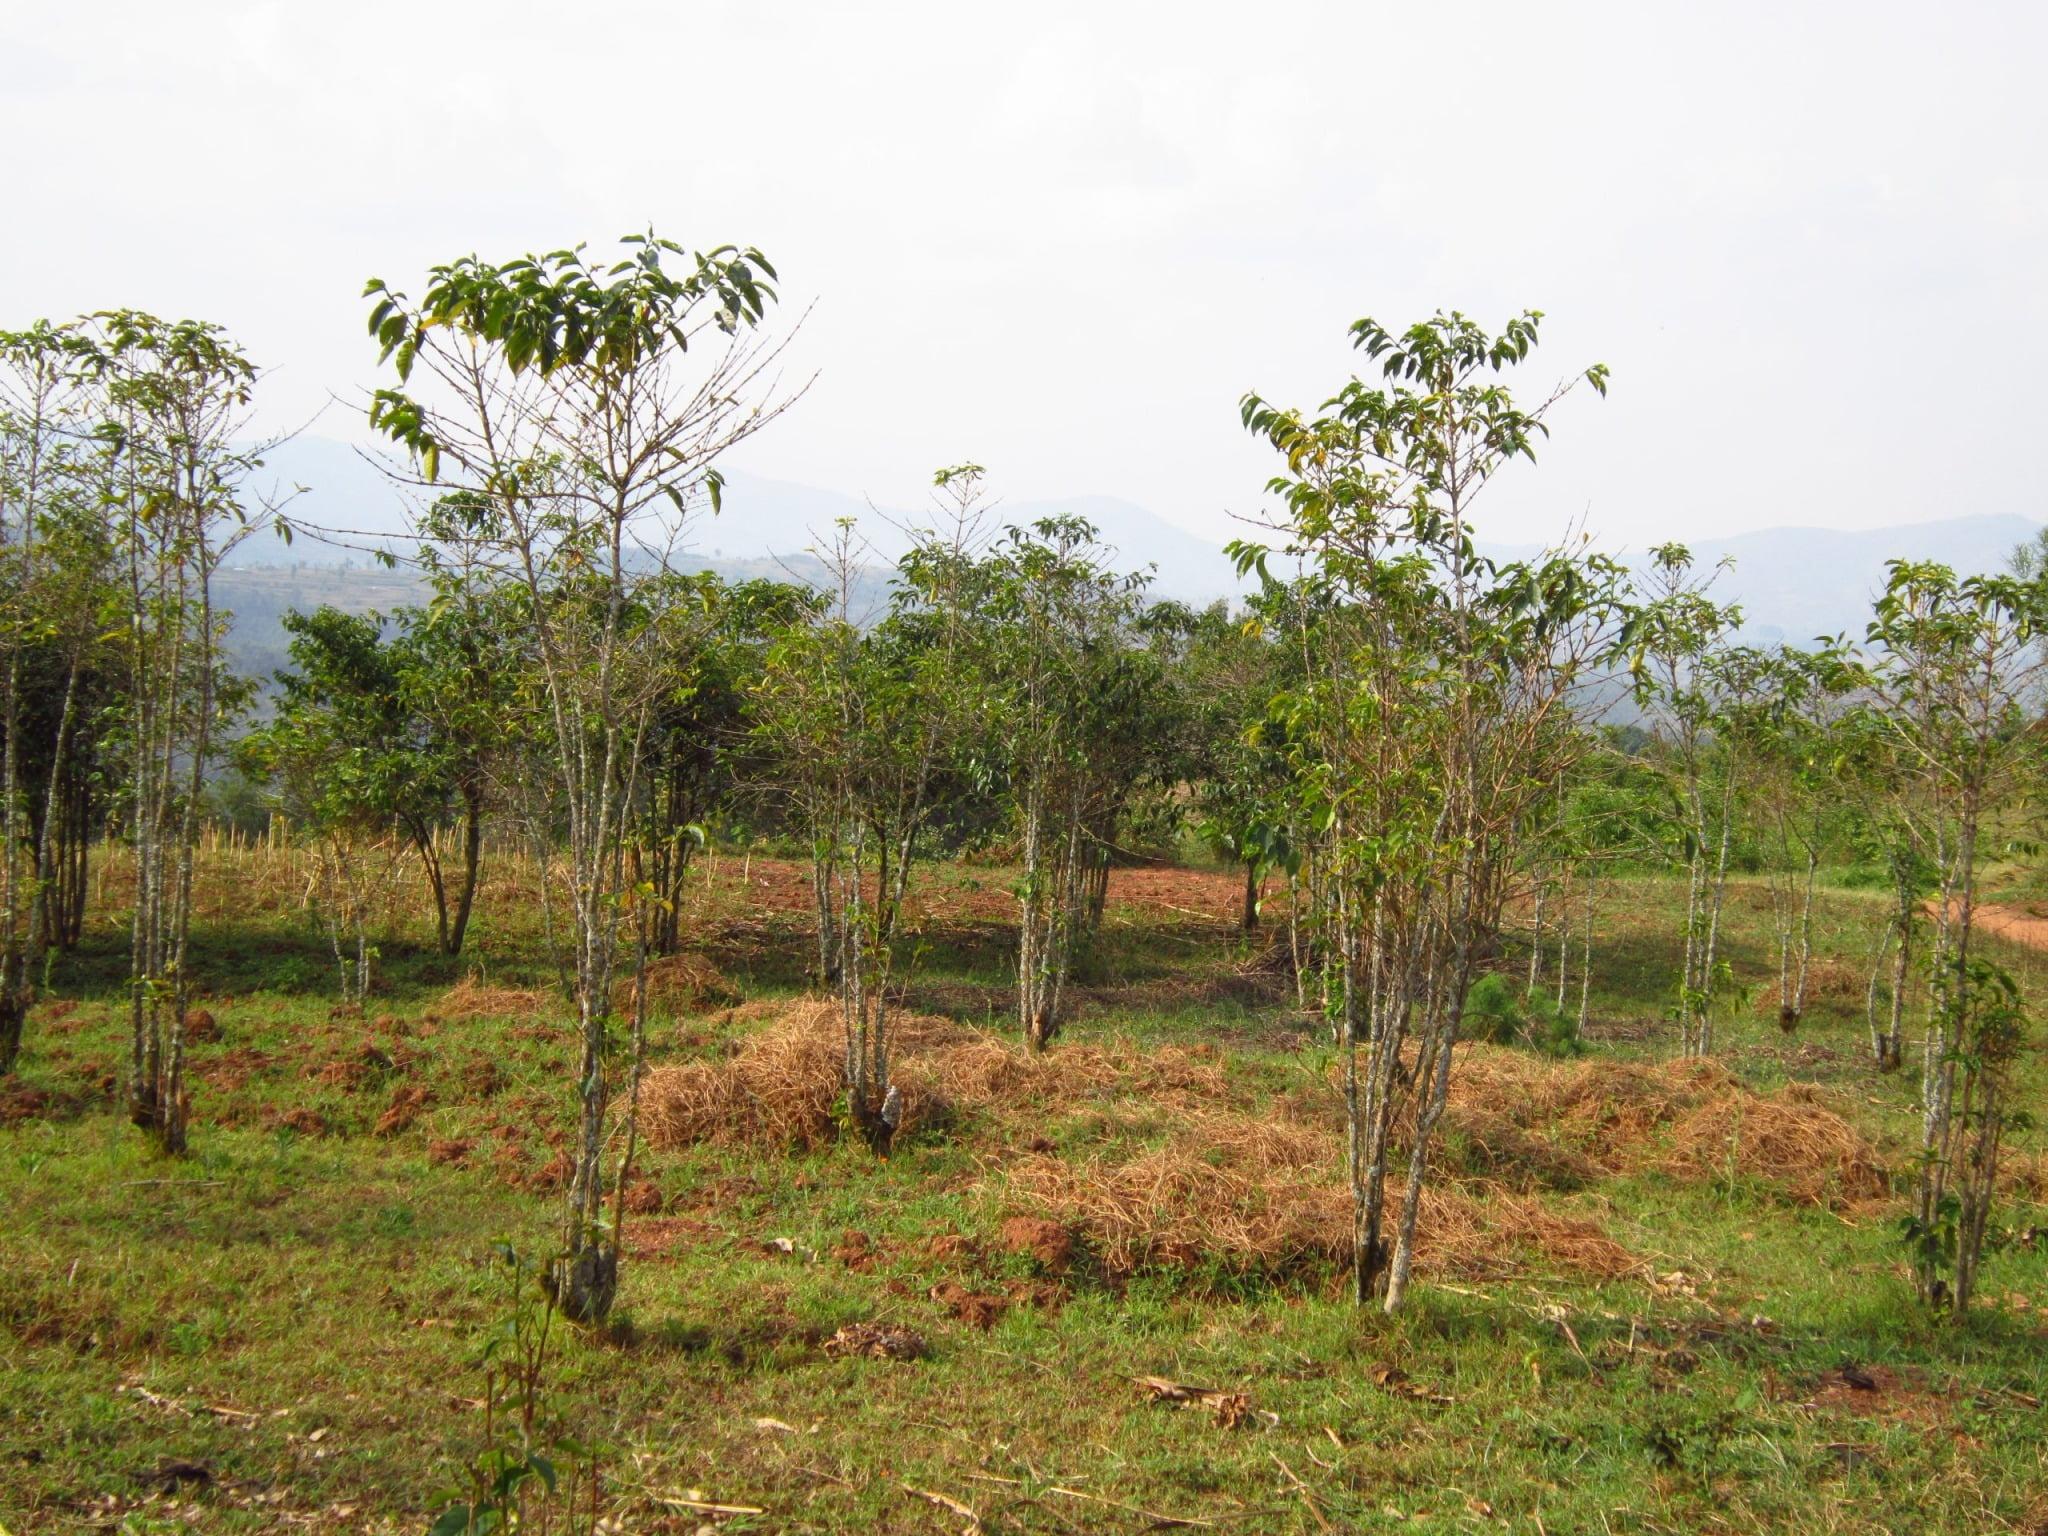 Na kávovej plantáži v Rwande